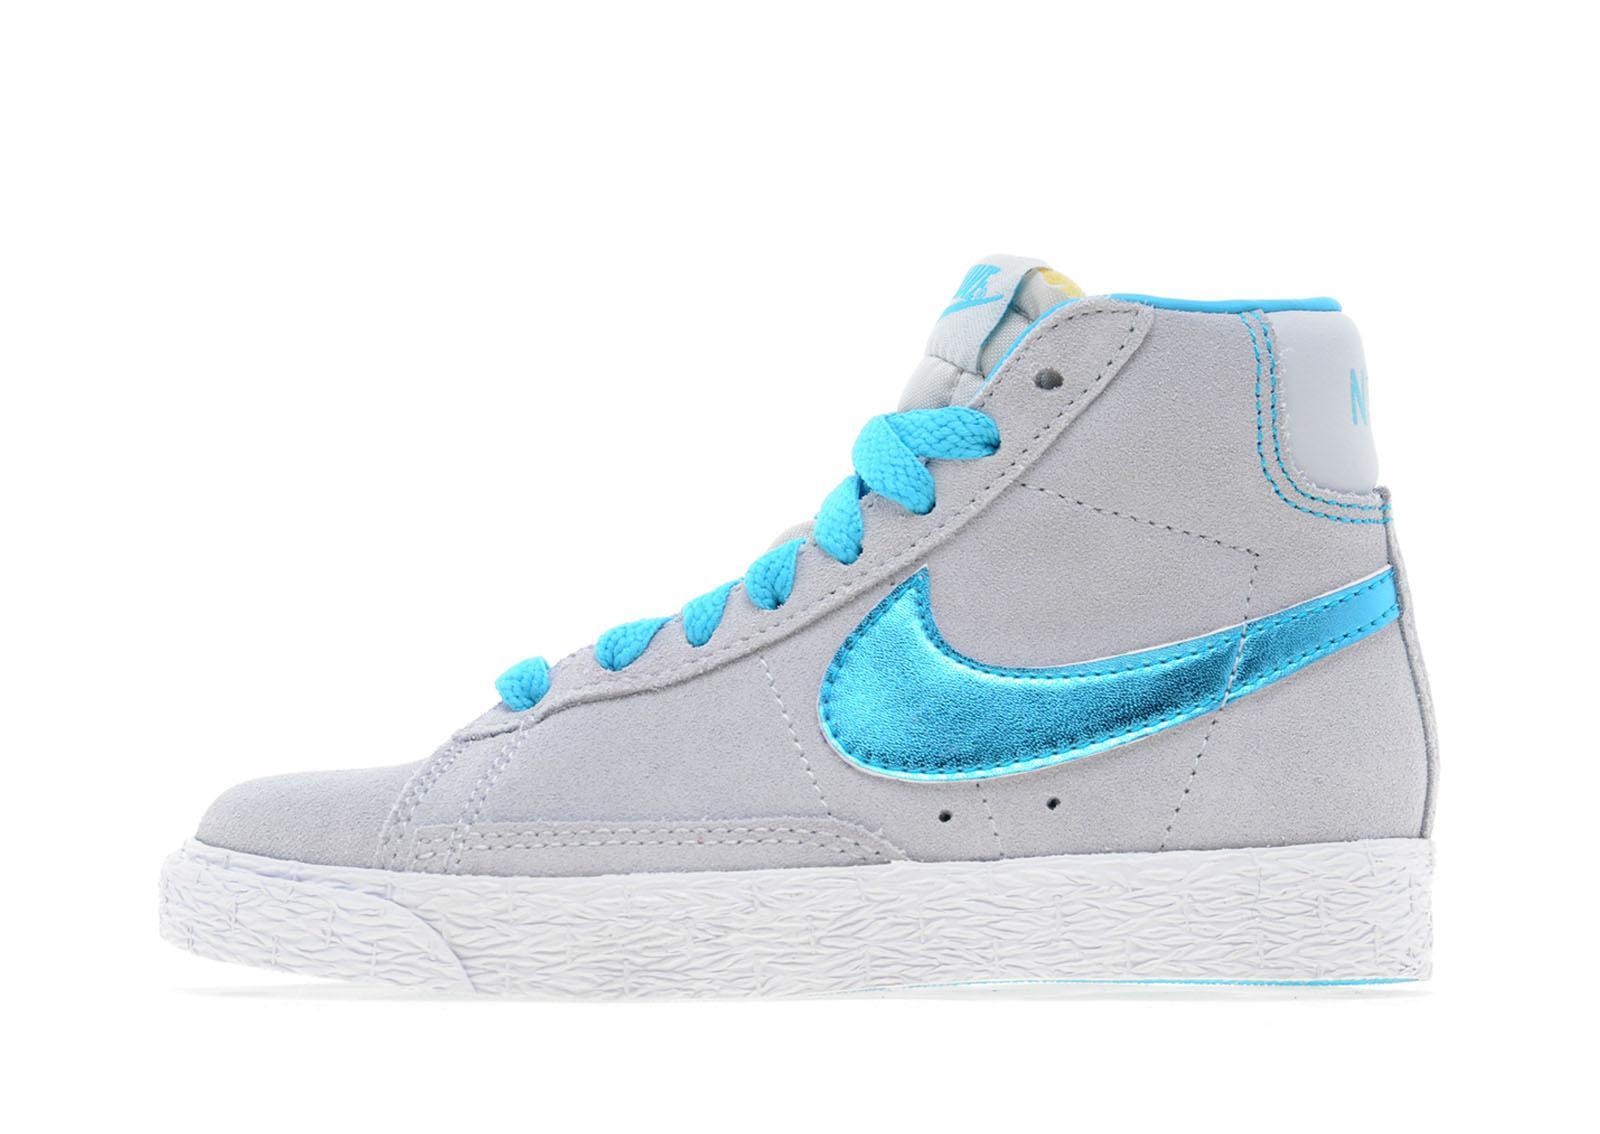 Nike Blazer Pour Enfants Formateurs Mi Vintage Fond Bleu / Rose réel à vendre Manchester en ligne réduction classique explorer LdWR8sqnQ